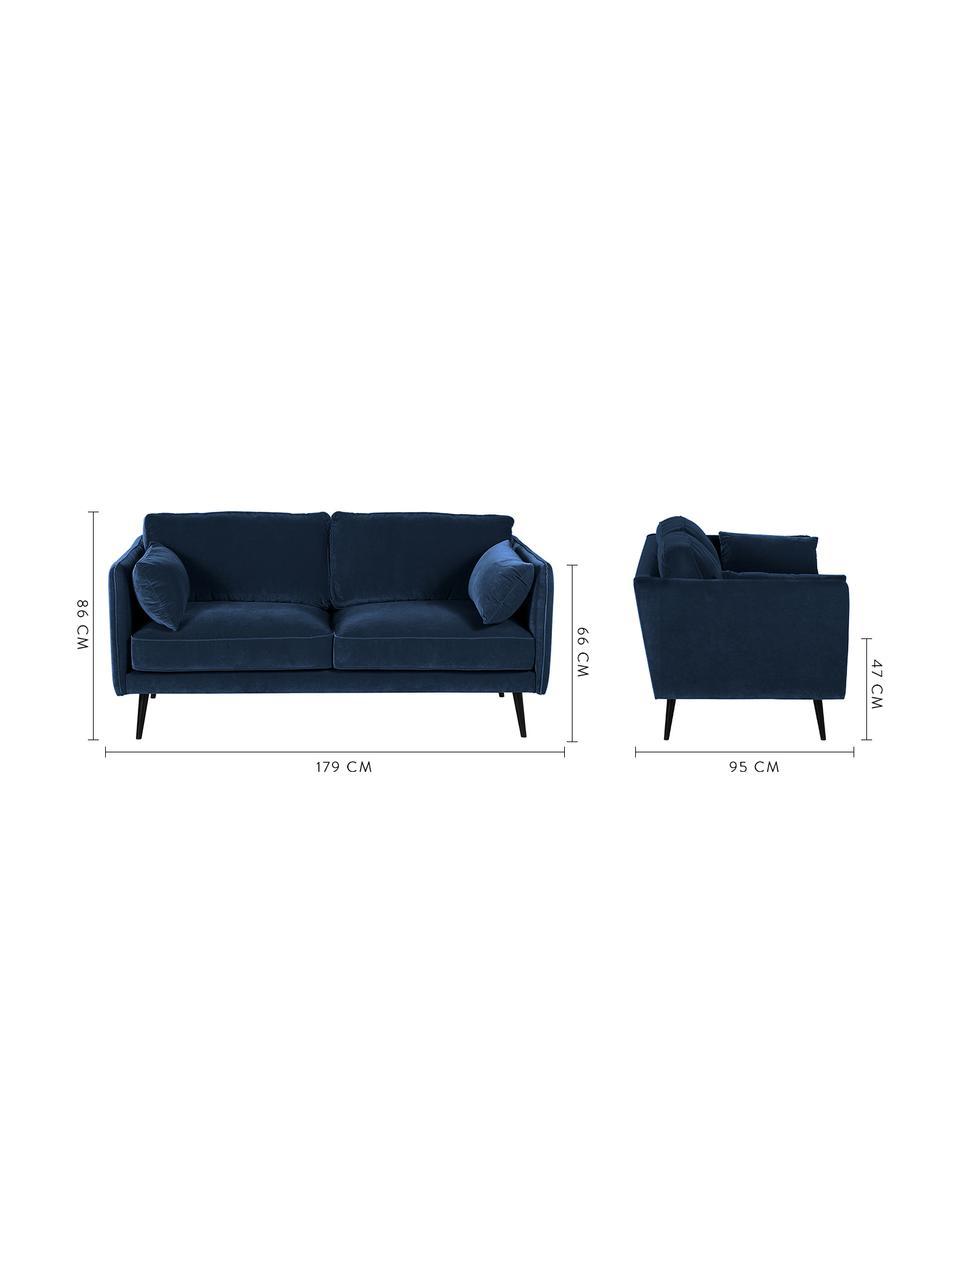 Sofa z aksamitu z drewnianymi nogami Paola (2-osobowa), Tapicerka: aksamit (poliester) 7000, Nogi: drewno świerkowe, lakiero, Aksamitny niebieski, S 179 x G 95 cm